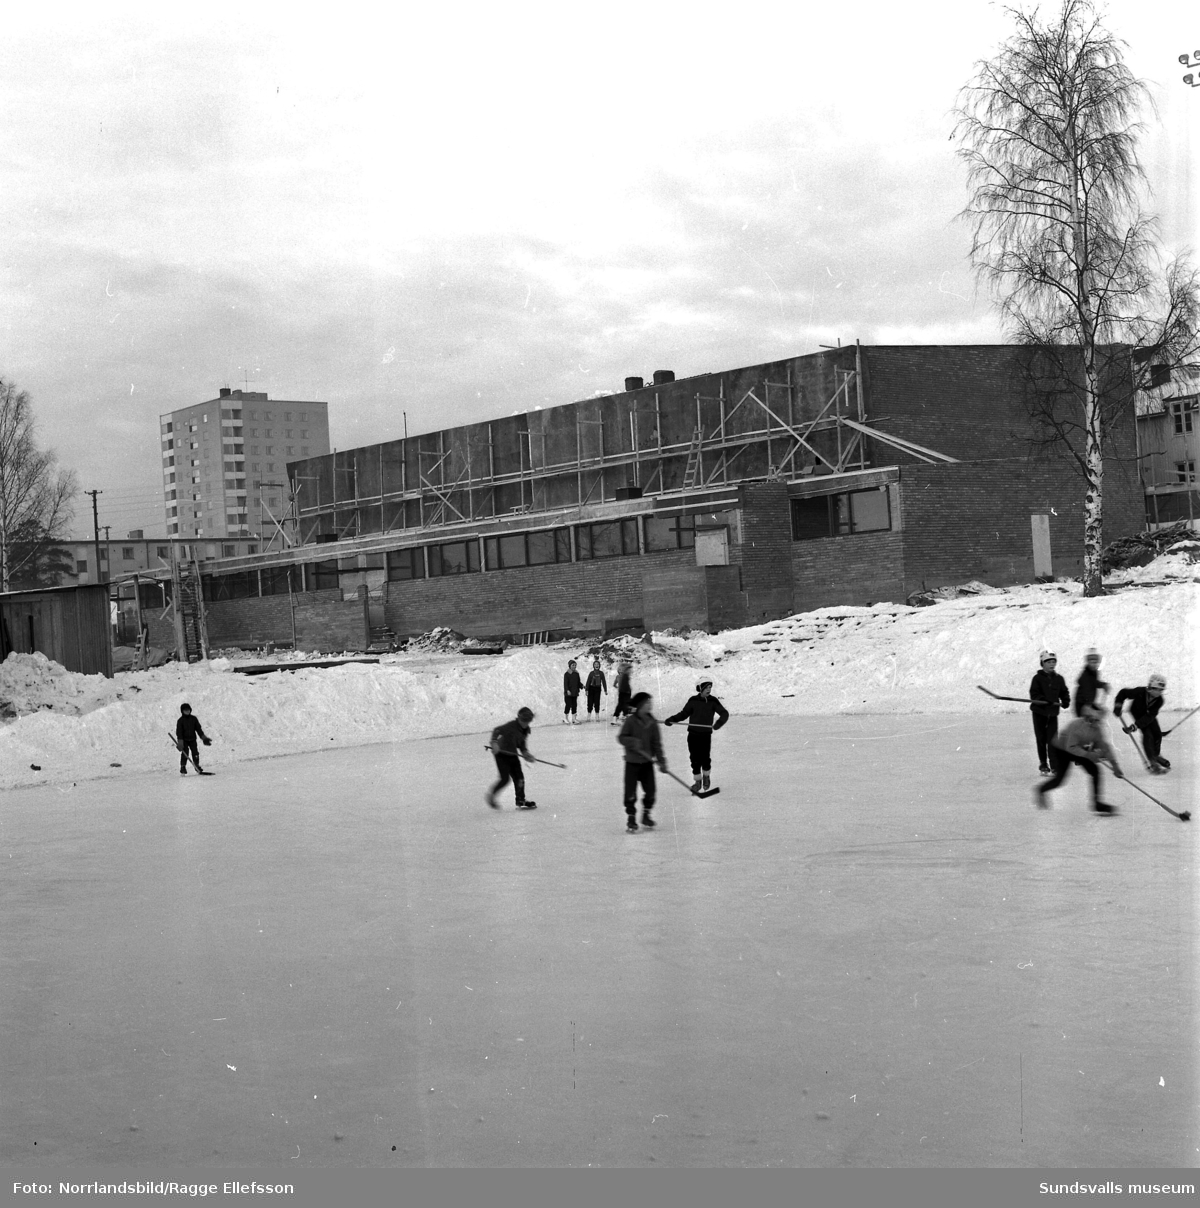 Skönsbergs skola (Hellbergsskolan) där det byggs för fullt. På första och andra bilden skridskobanan och bygget av gymnastiksalen. Tredje bilden är tagen från höghuset, över kvarteret Vasa som ännu inte är färdigbyggt, och vidare mot skolan med Ortvikens pappersbruk i bakgrunden.